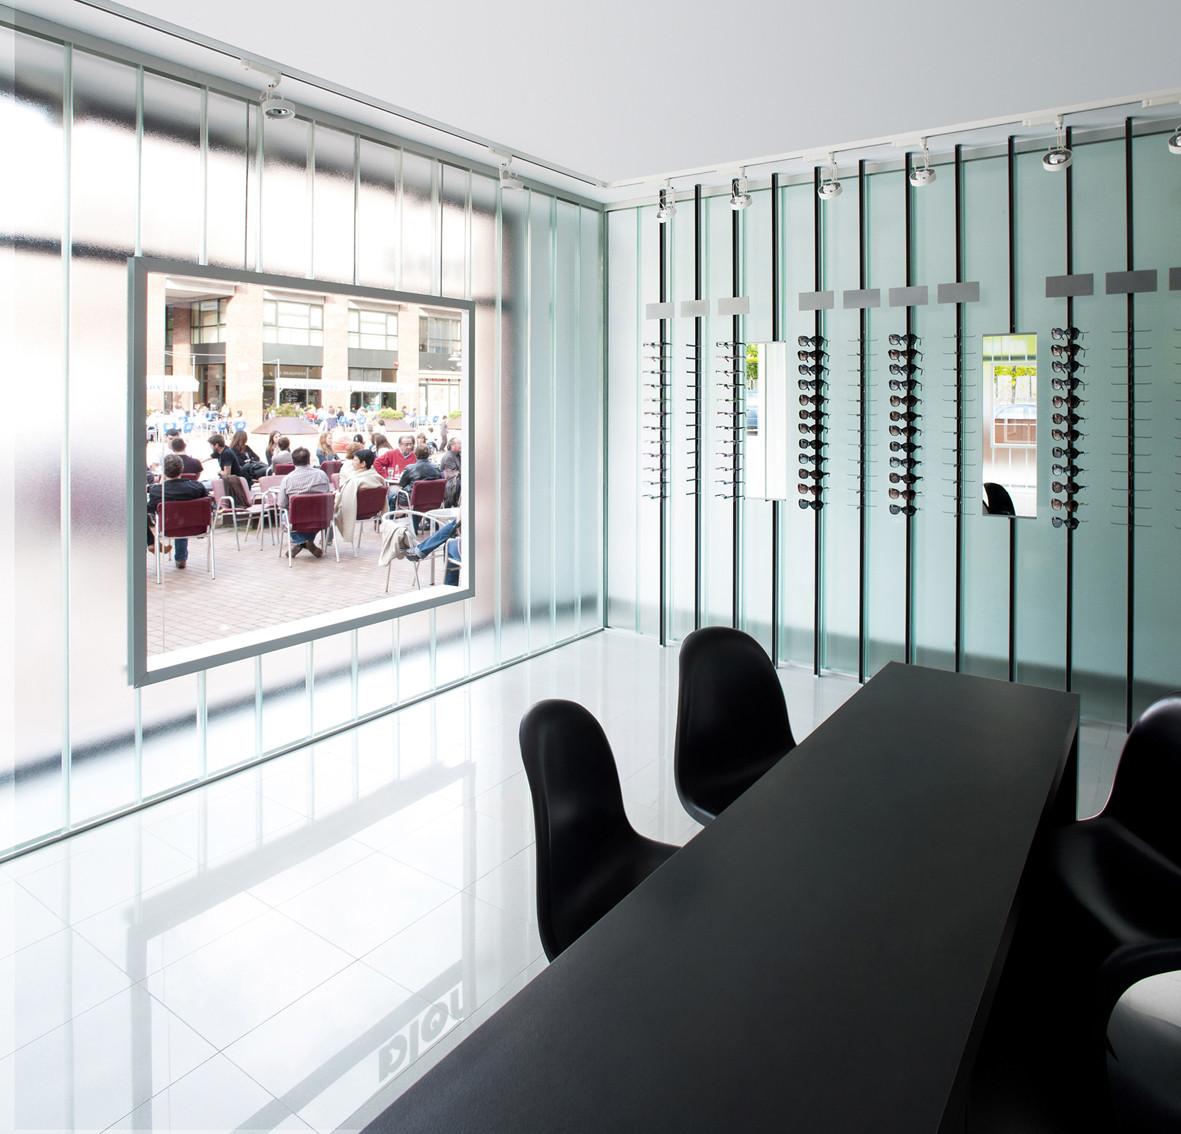 Optic Store in Olot / CUBUS Taller d'Arquitectura, © Ignasi Pujol /Ambar Fotografía